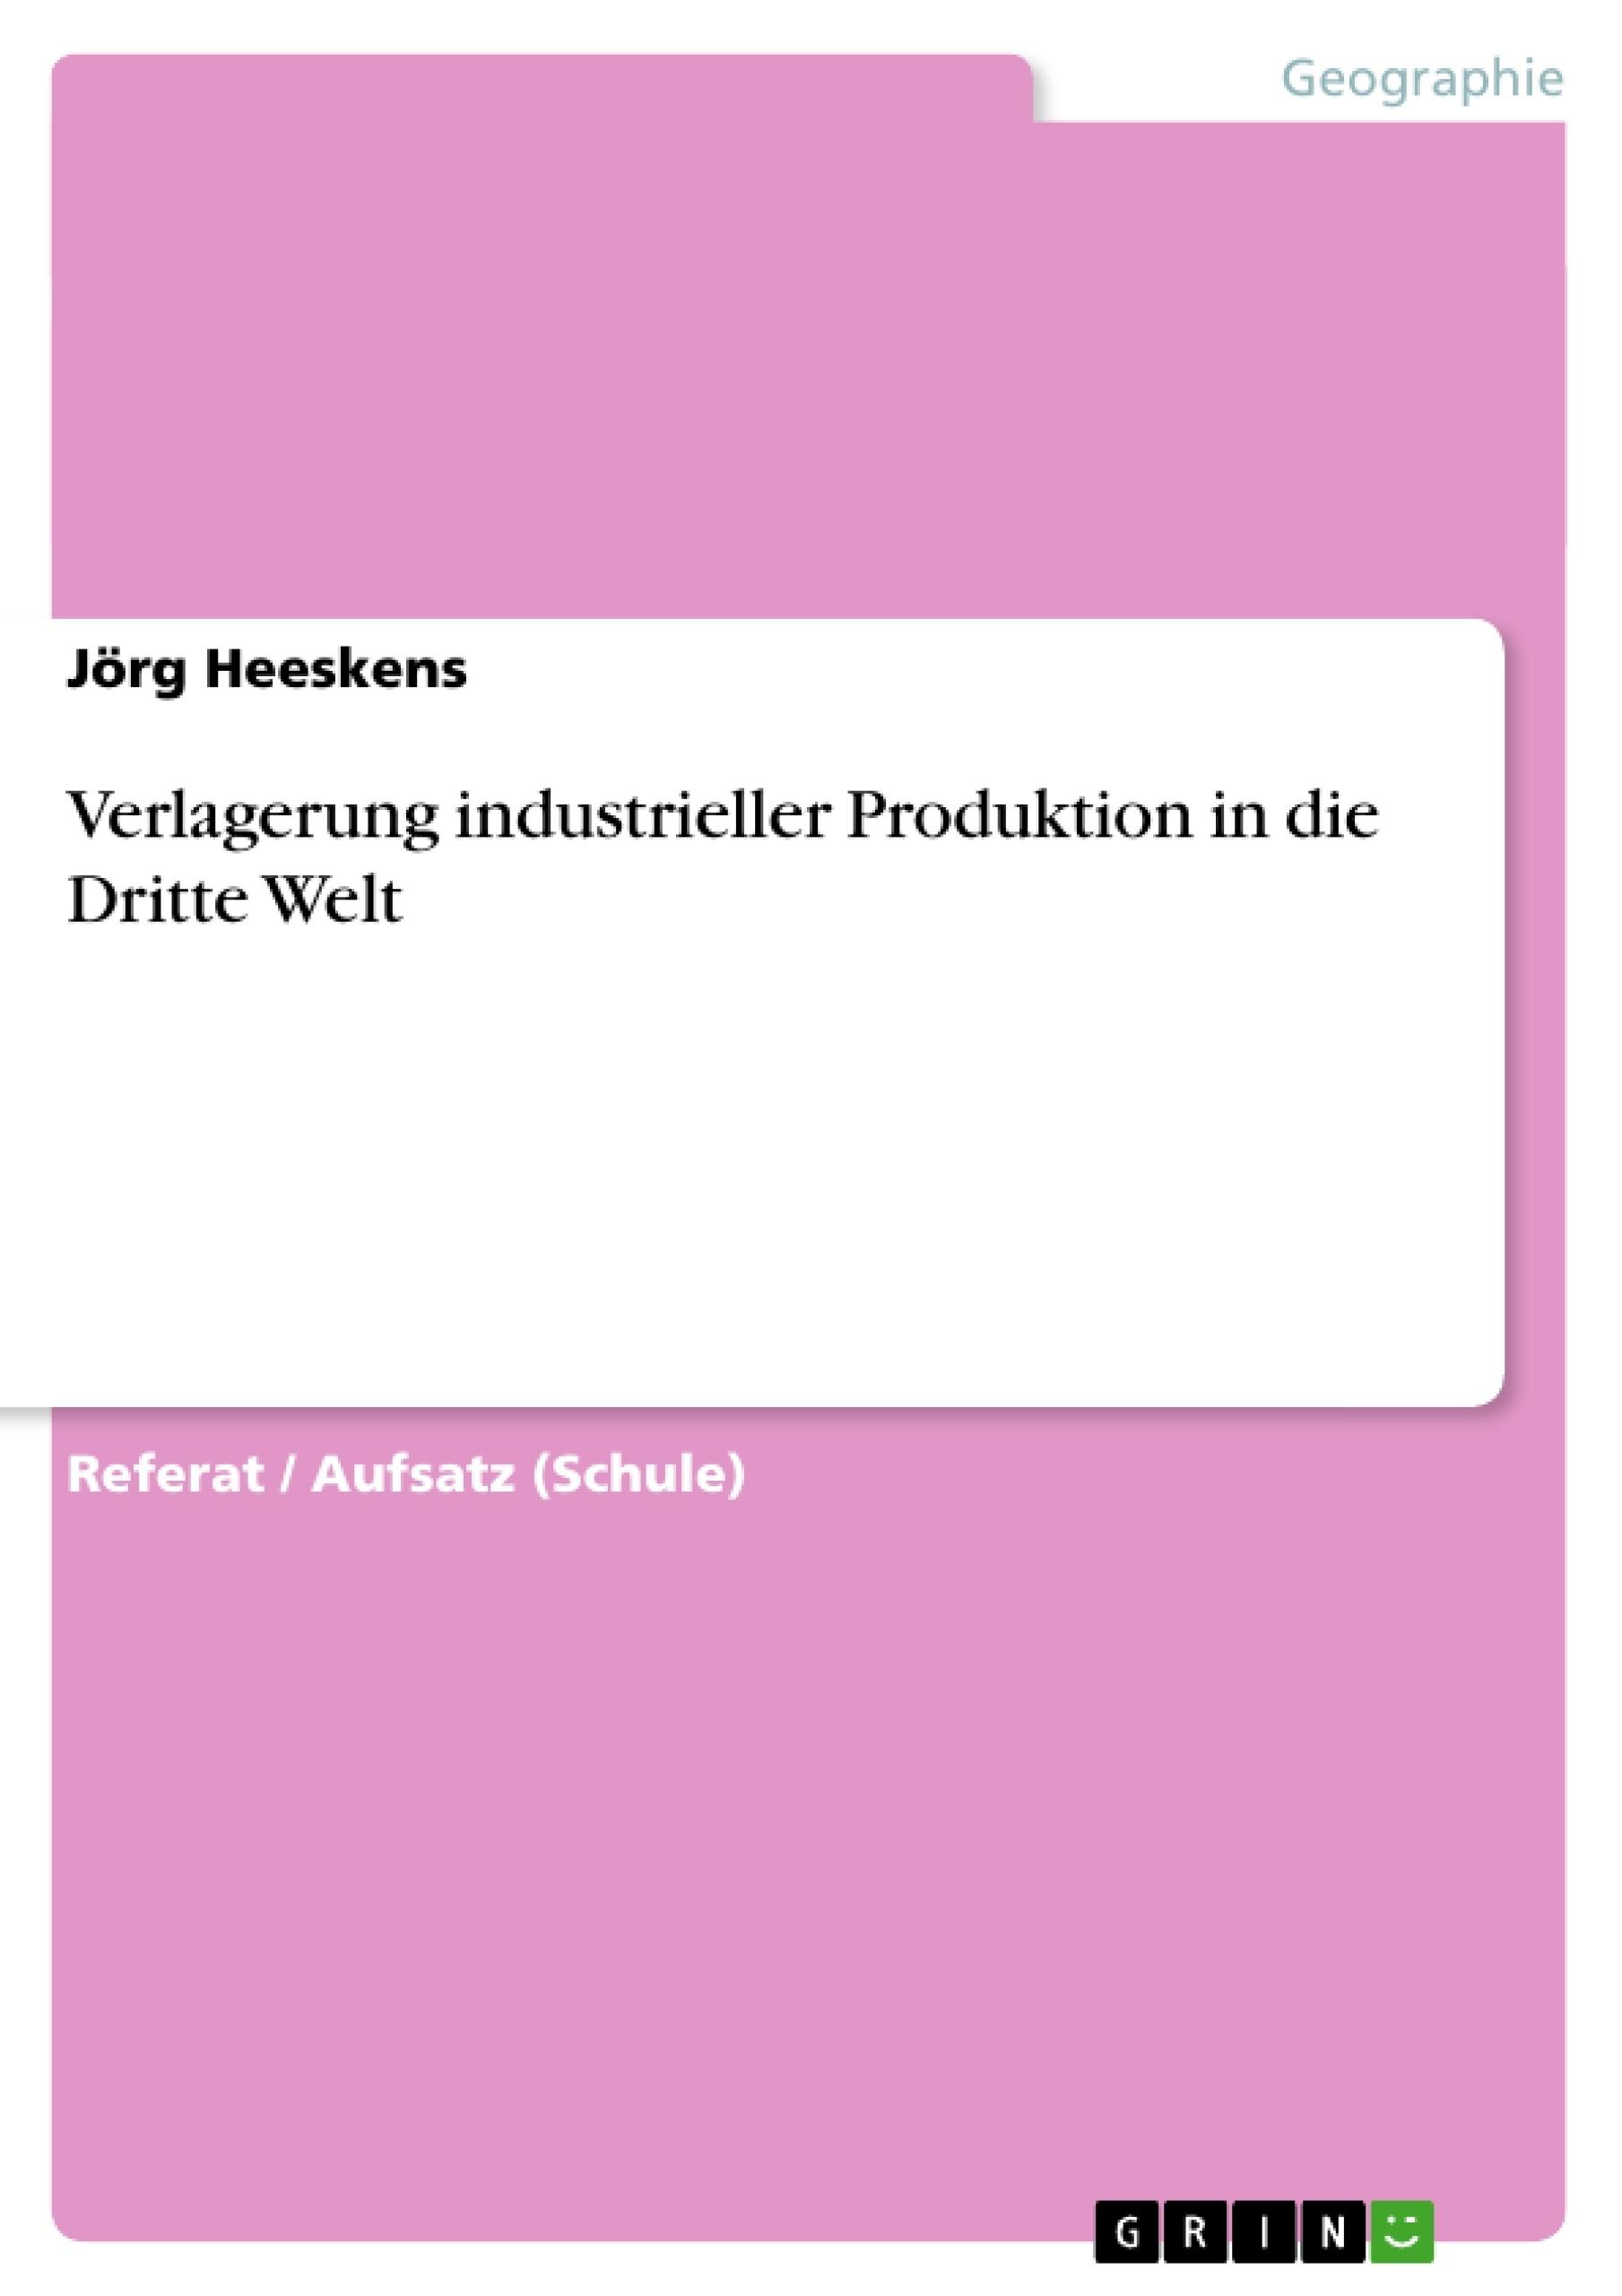 Titel: Verlagerung industrieller Produktion in die Dritte Welt